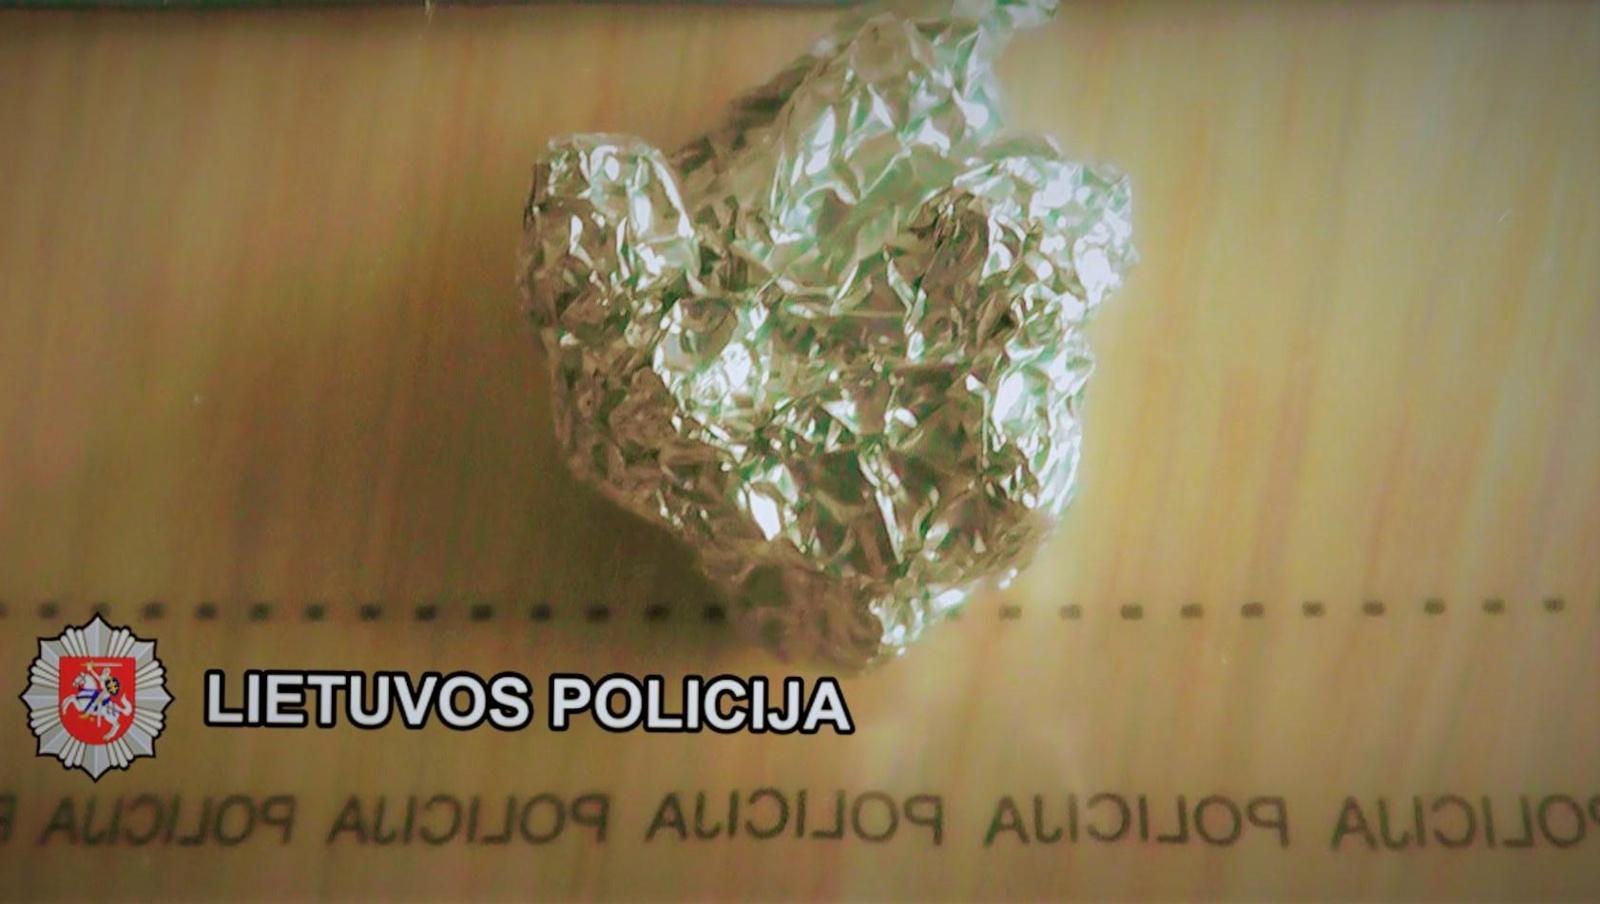 Vilniuje sulaikyti galimai narkotinių medžiagų turėję vyras ir moteris